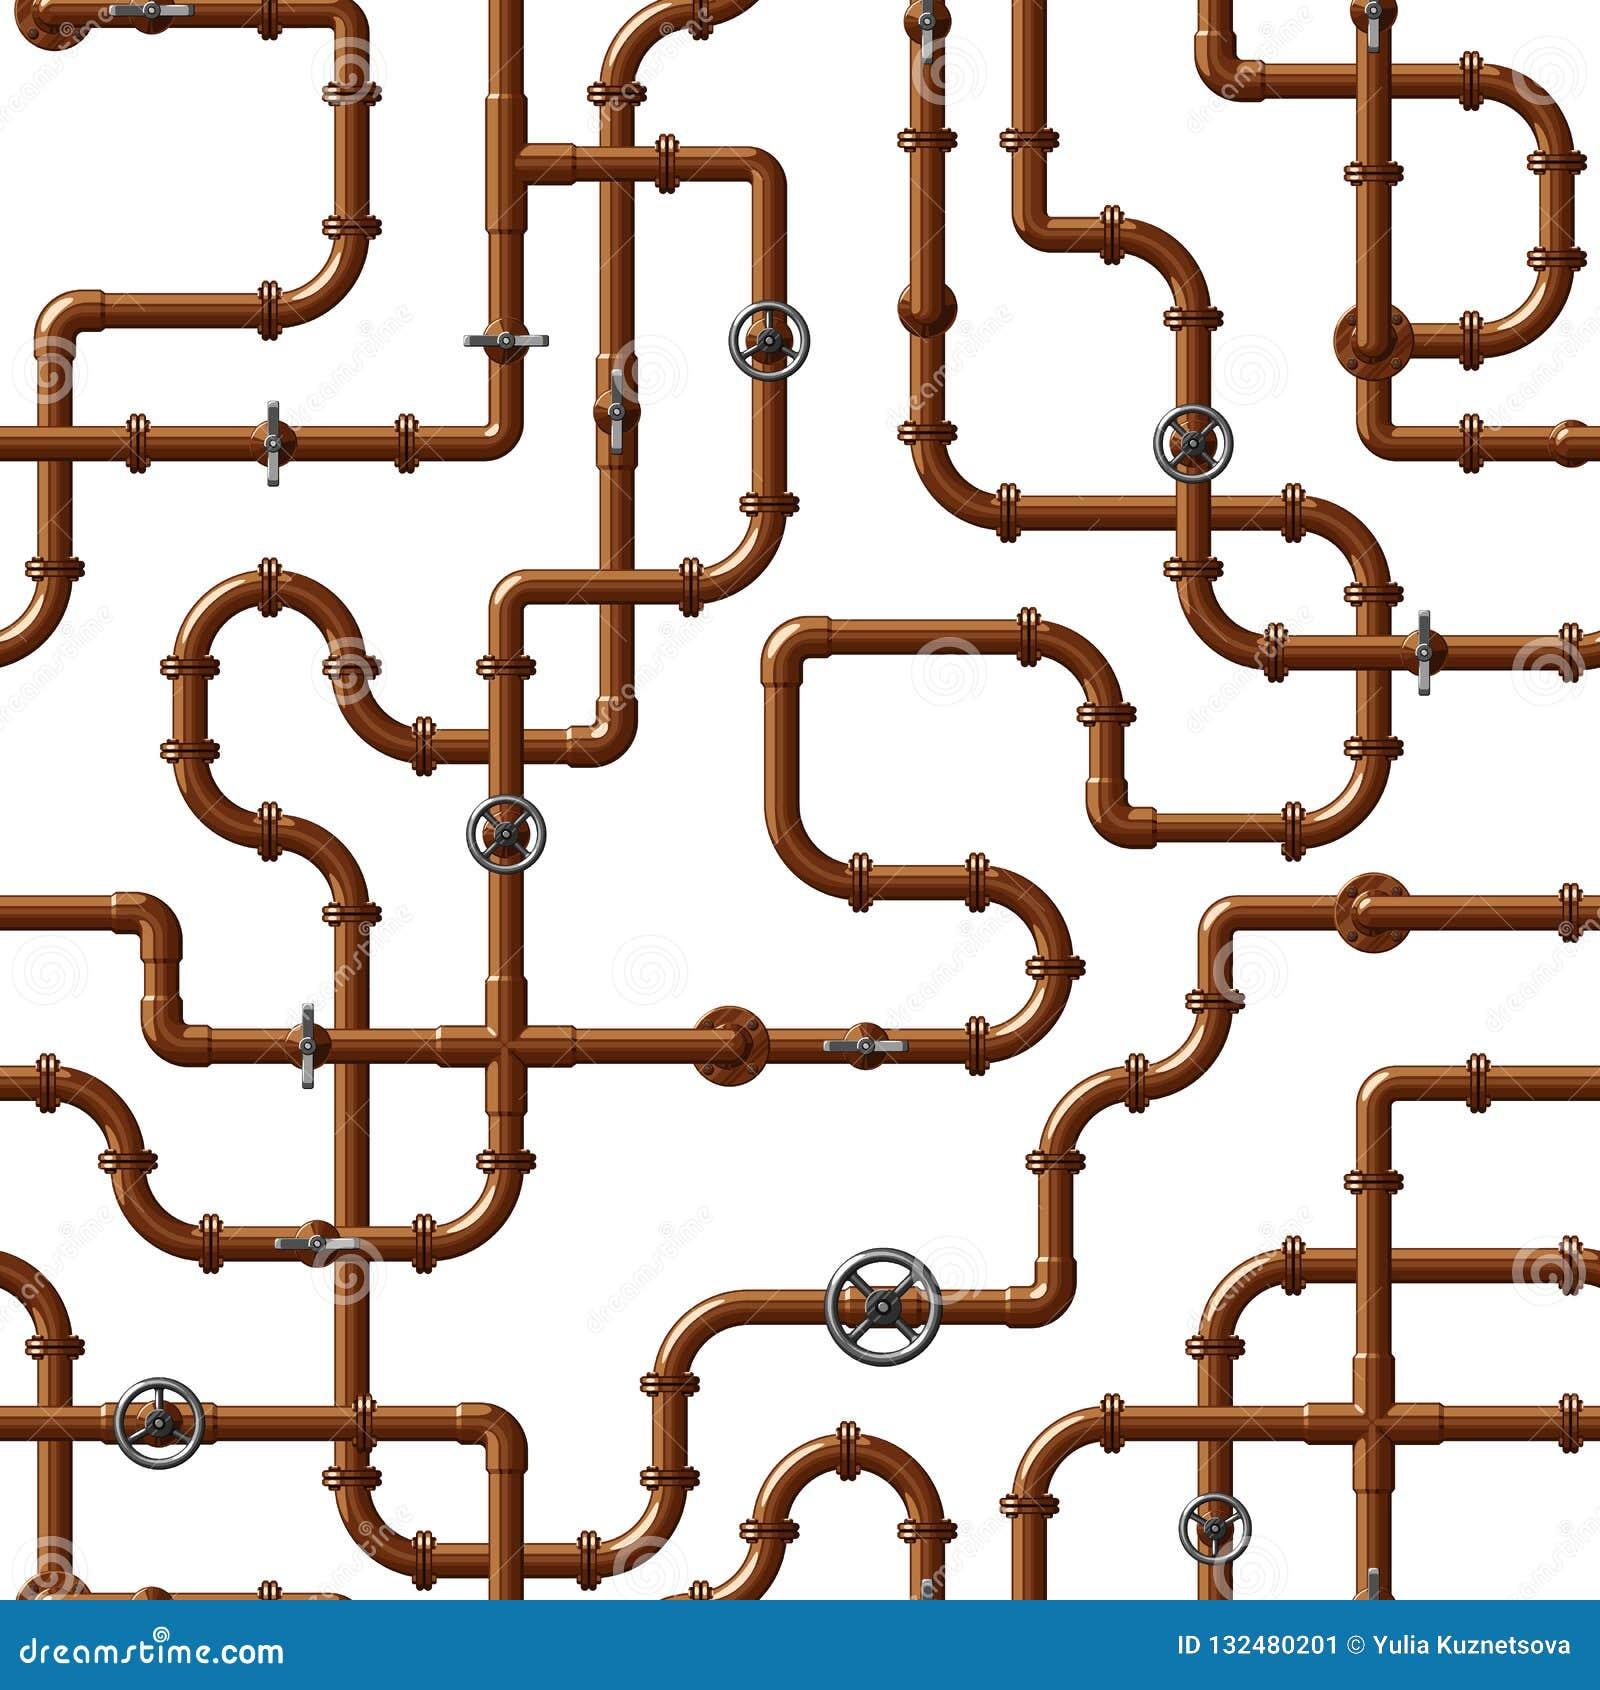 Nahtloses Vektormuster von ineinandergreifenden kupfernen Wasserleitungen mit Ventilen